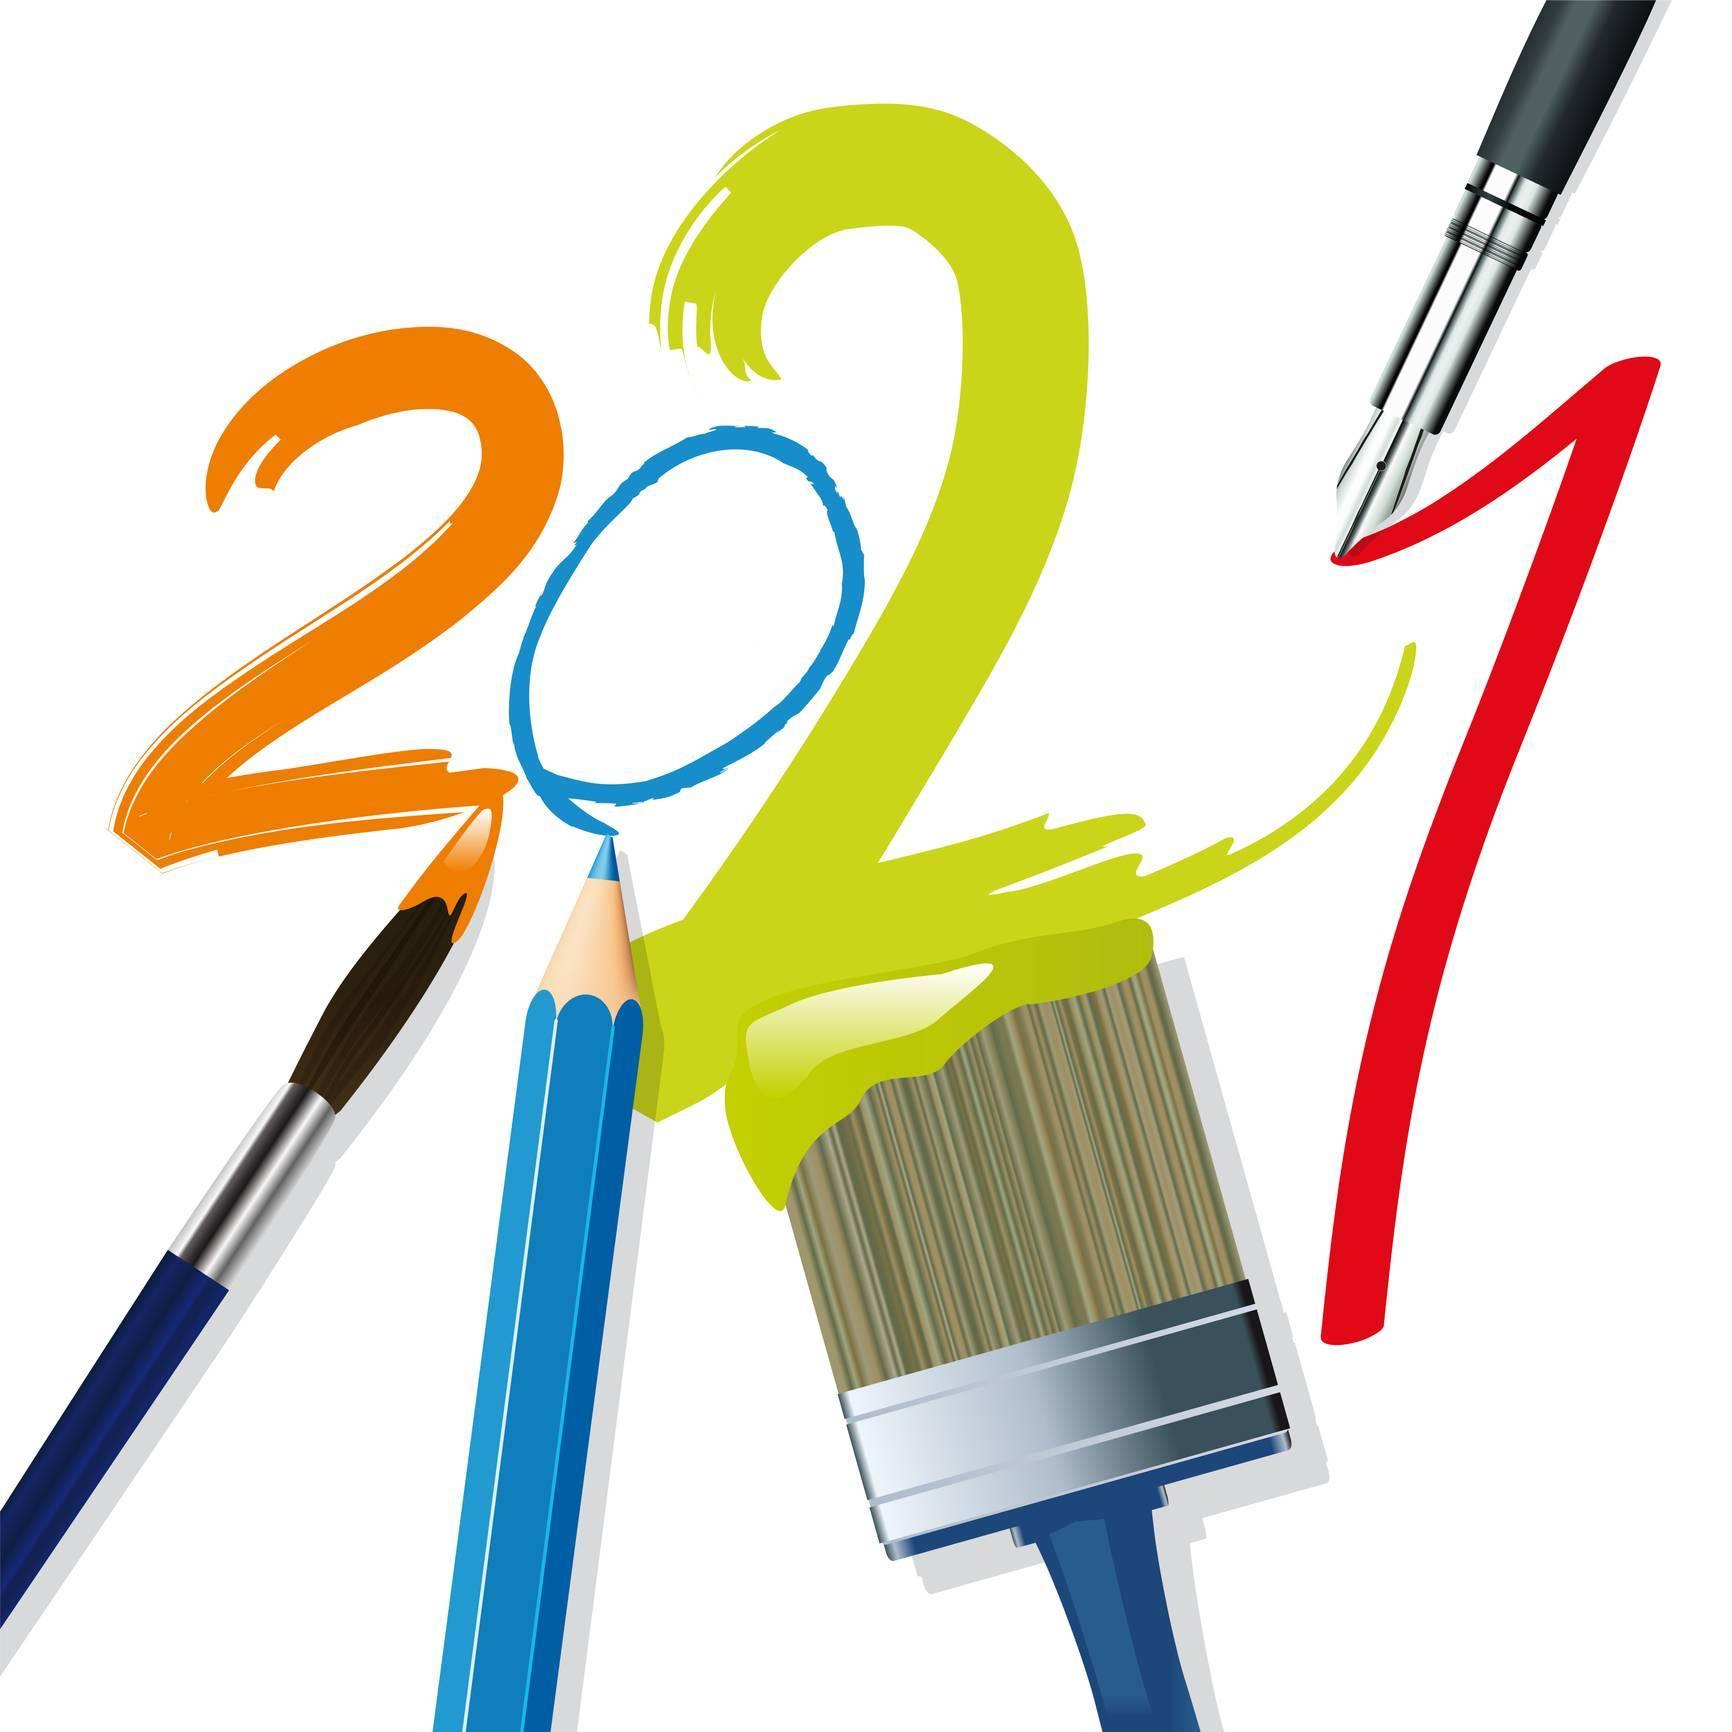 création logo tendance graphique 2021